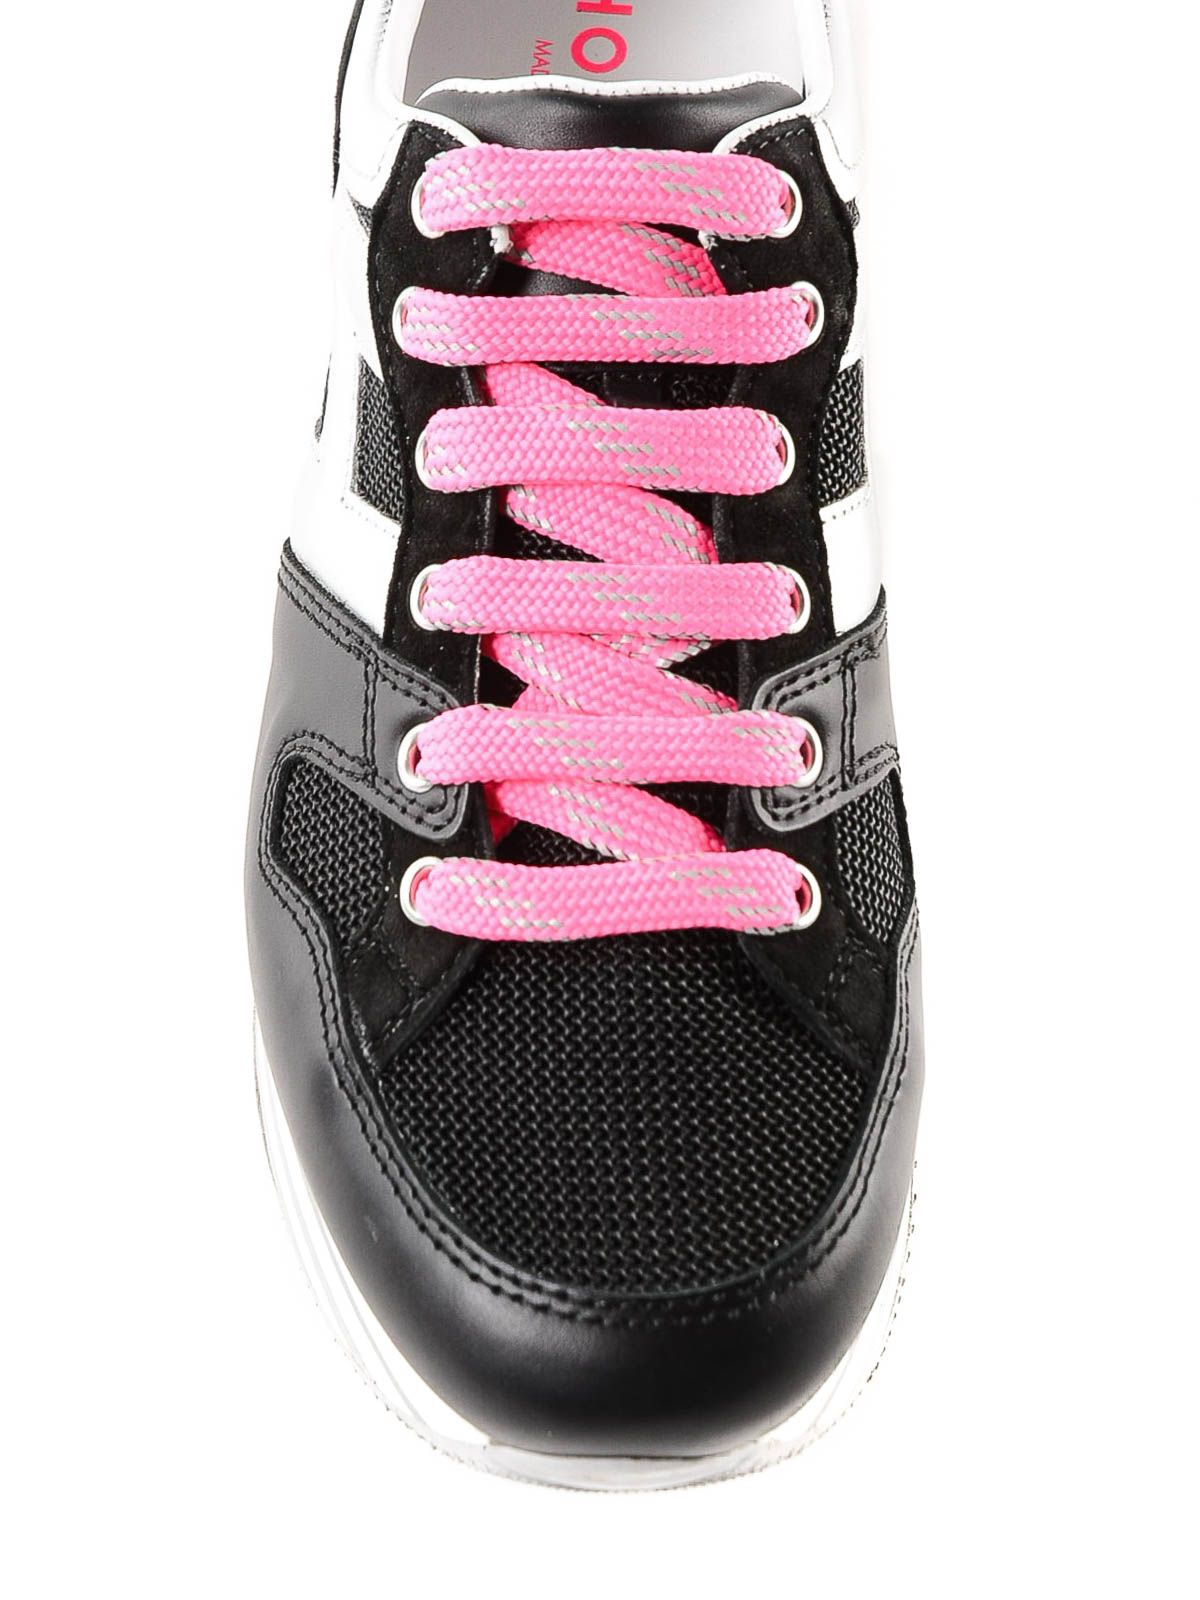 8565bd46aad iKRIX HOGAN  trainers - Maxi H222 black striped platform sneakers